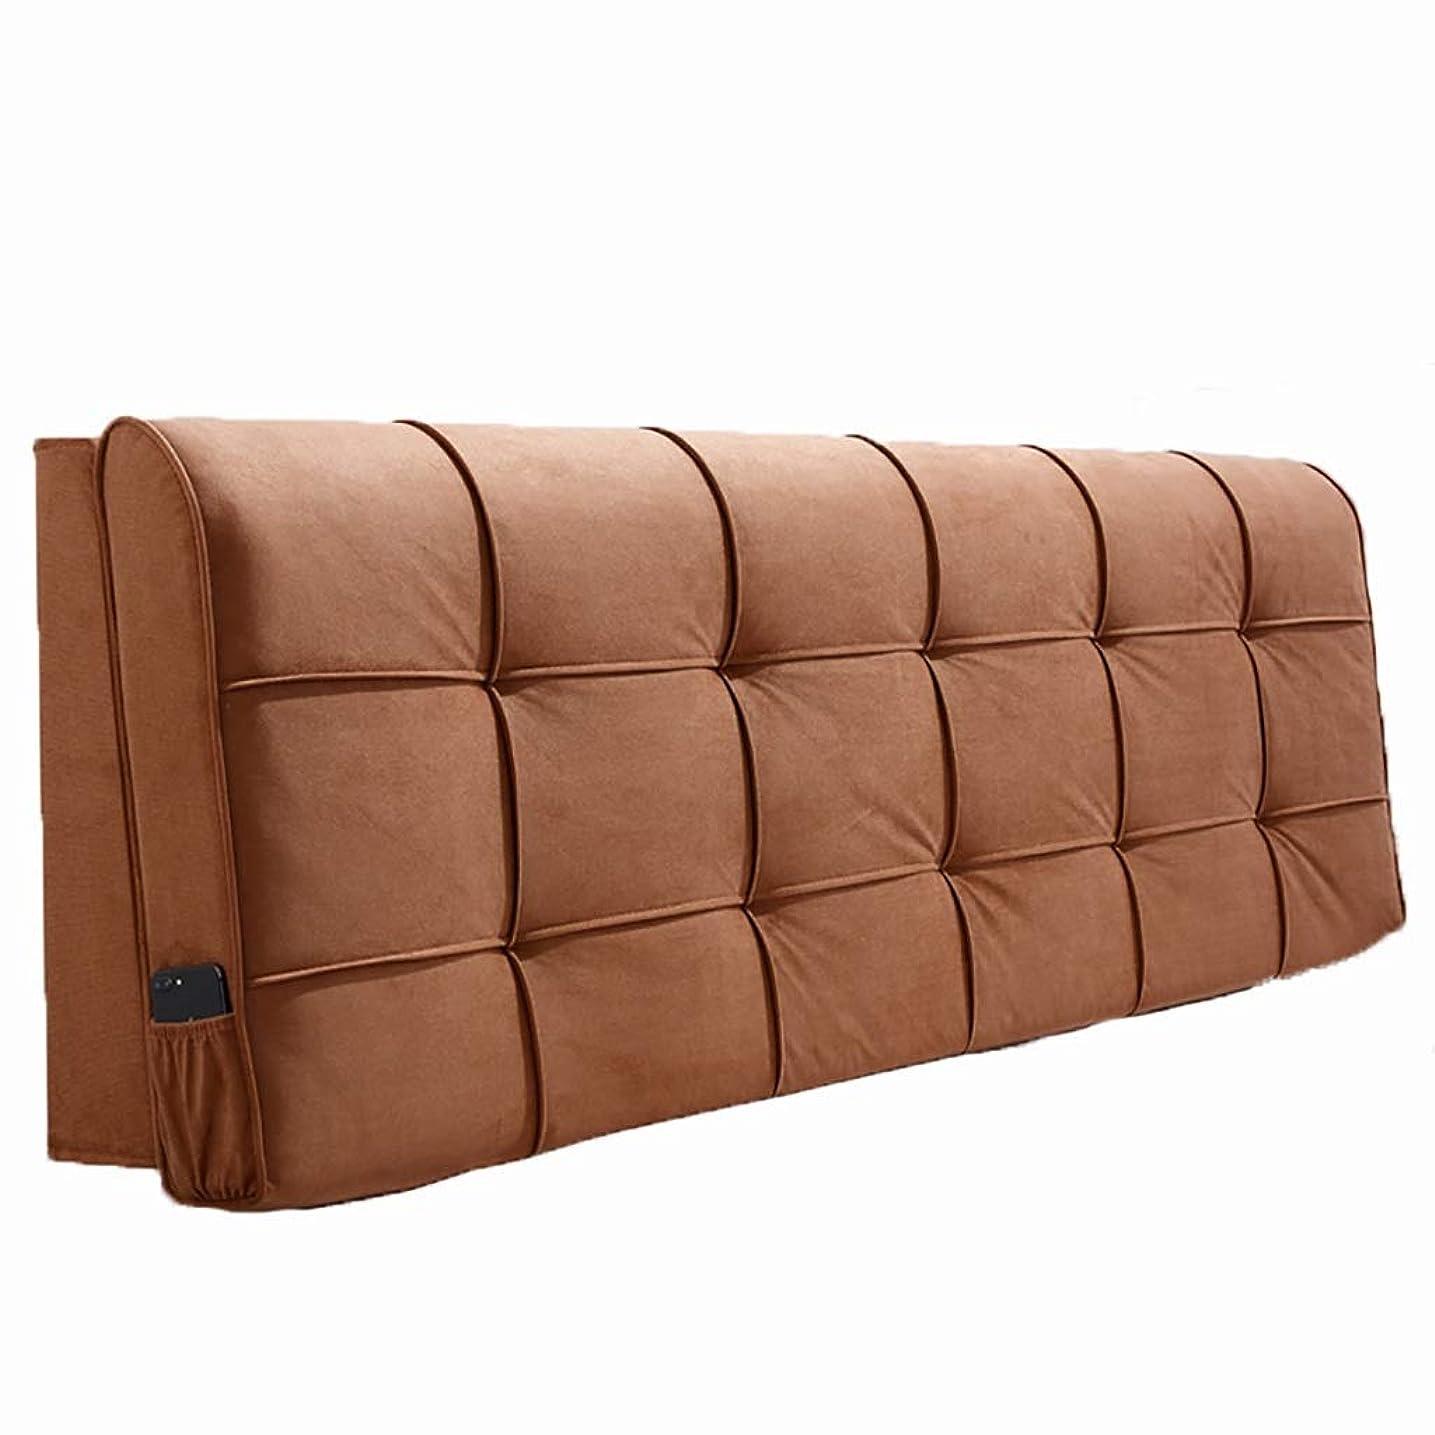 前書き減らすベッド枕 ベッドサイドクッションソフトバッグ大背もたれシンプルなダブルぬいぐるみ素材取り外し可能な洗える枕ベッドカバーセットベッドサイド使用スポンジフィラーサイズ90センチメートル - 200センチメートル 写真ベッド枕首まくら (色 : J j, サイズ さいず : 200cm)